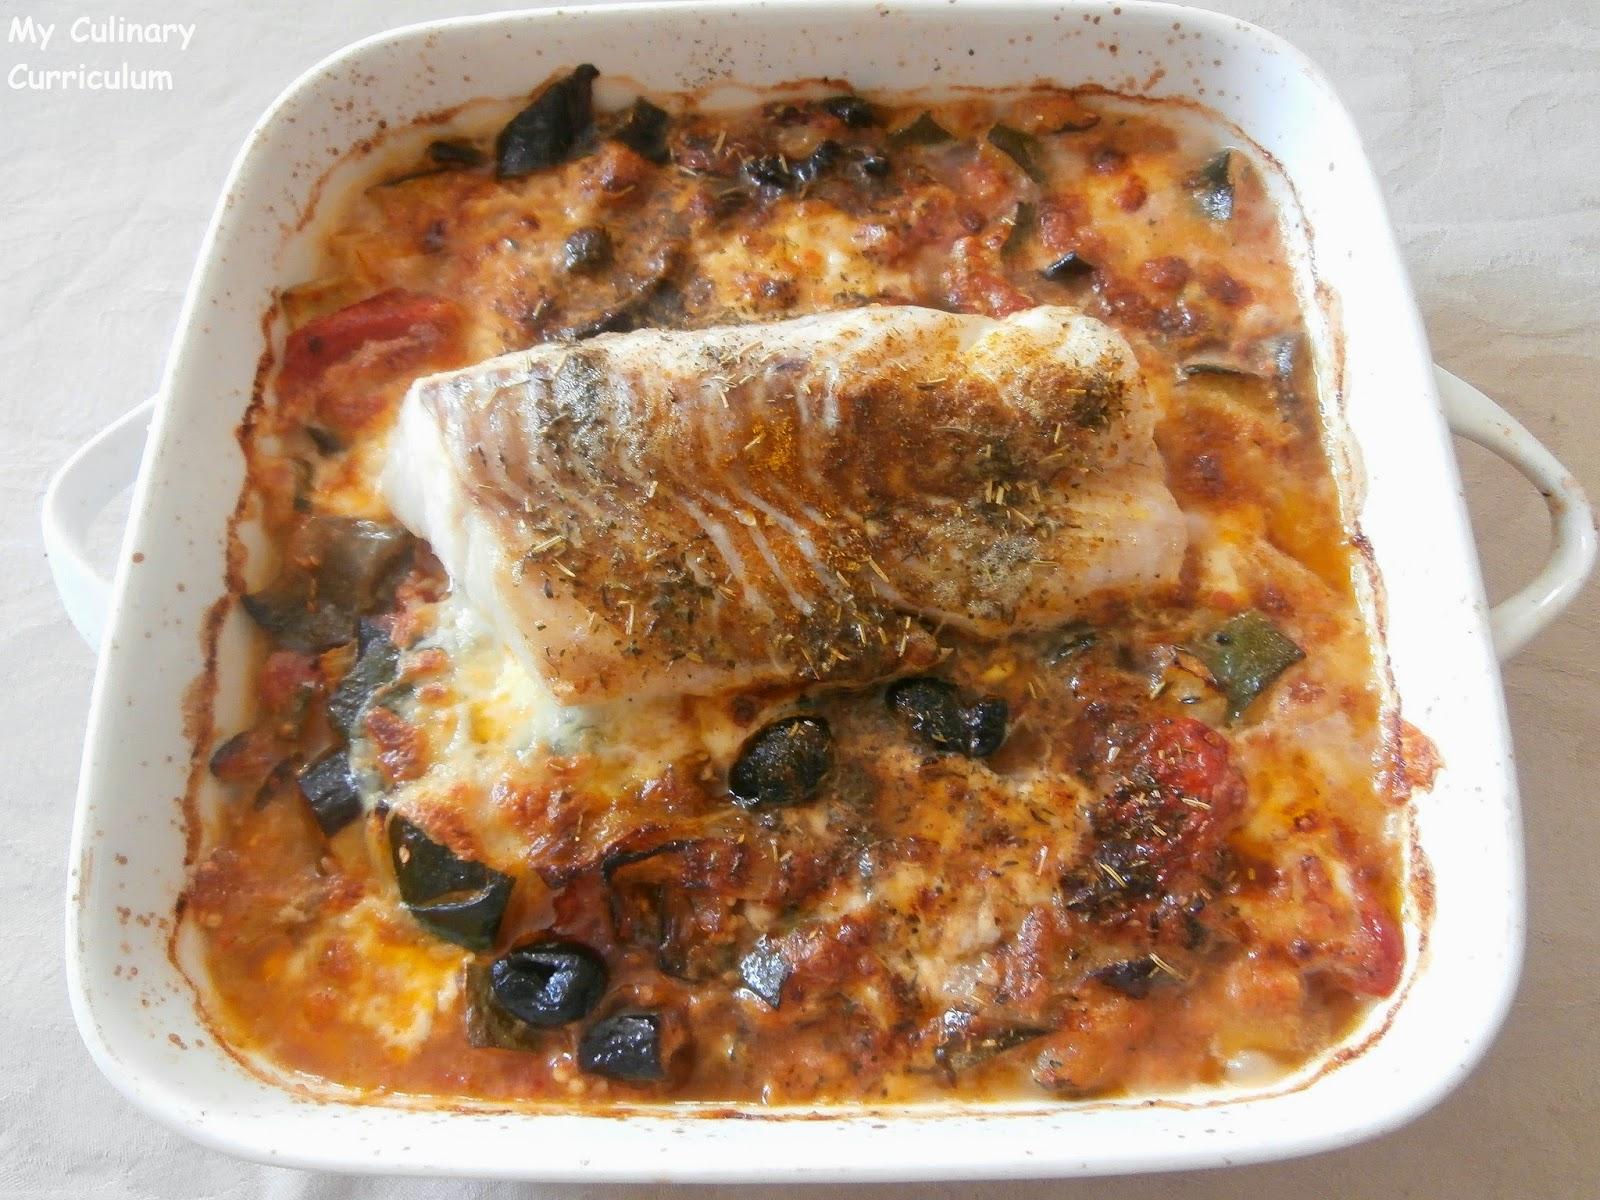 My culinary curriculum cabillaud au four l gumes du - Cuisiner du cabillaud au four ...